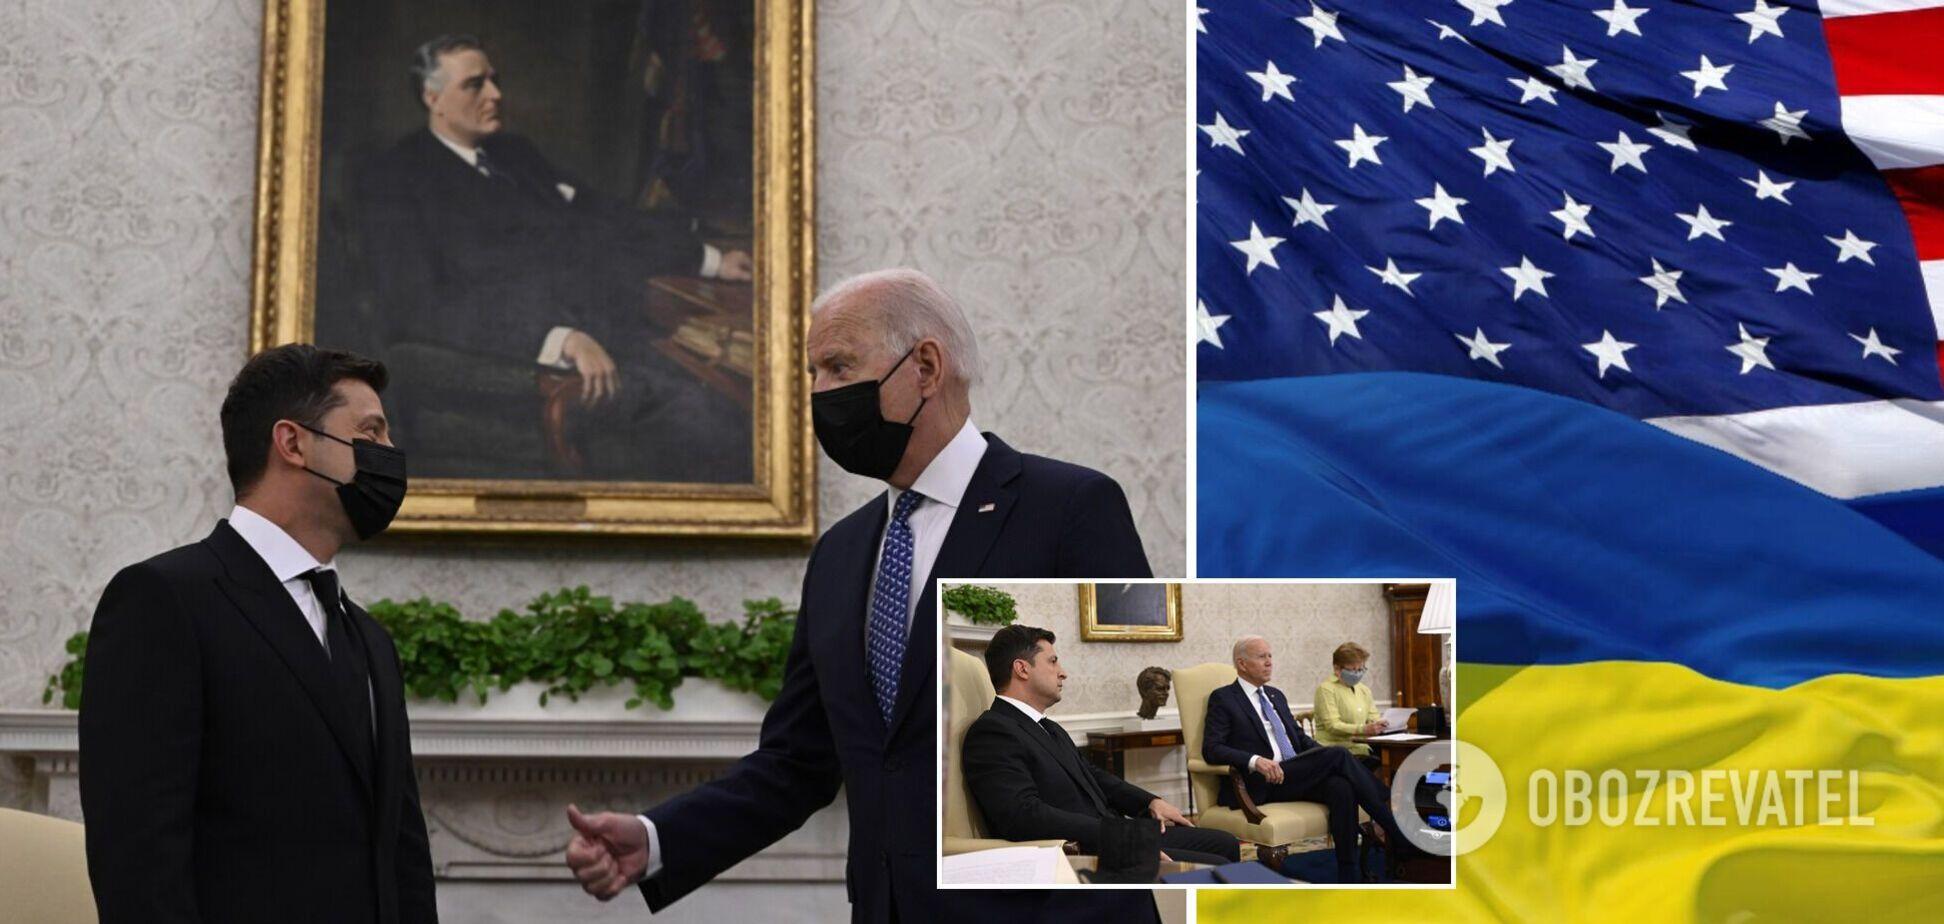 Історична зустріч: про що домовився Зеленський із Байденом і що тепер отримає Україна